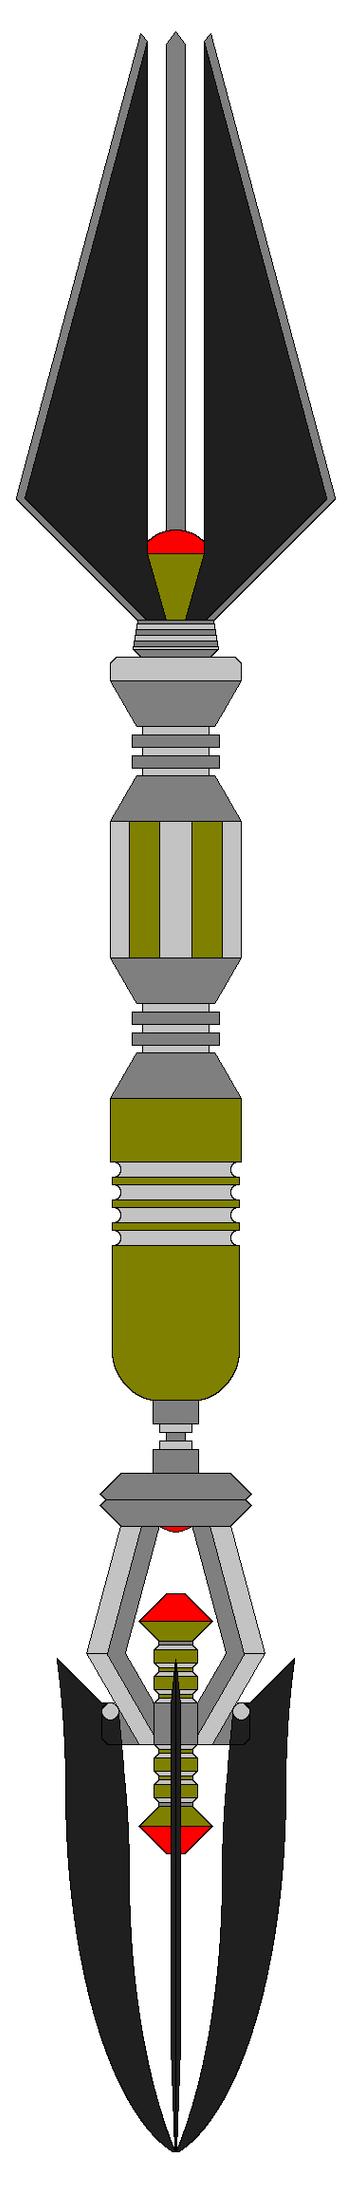 The Assassins screwdriver by kavinveldar